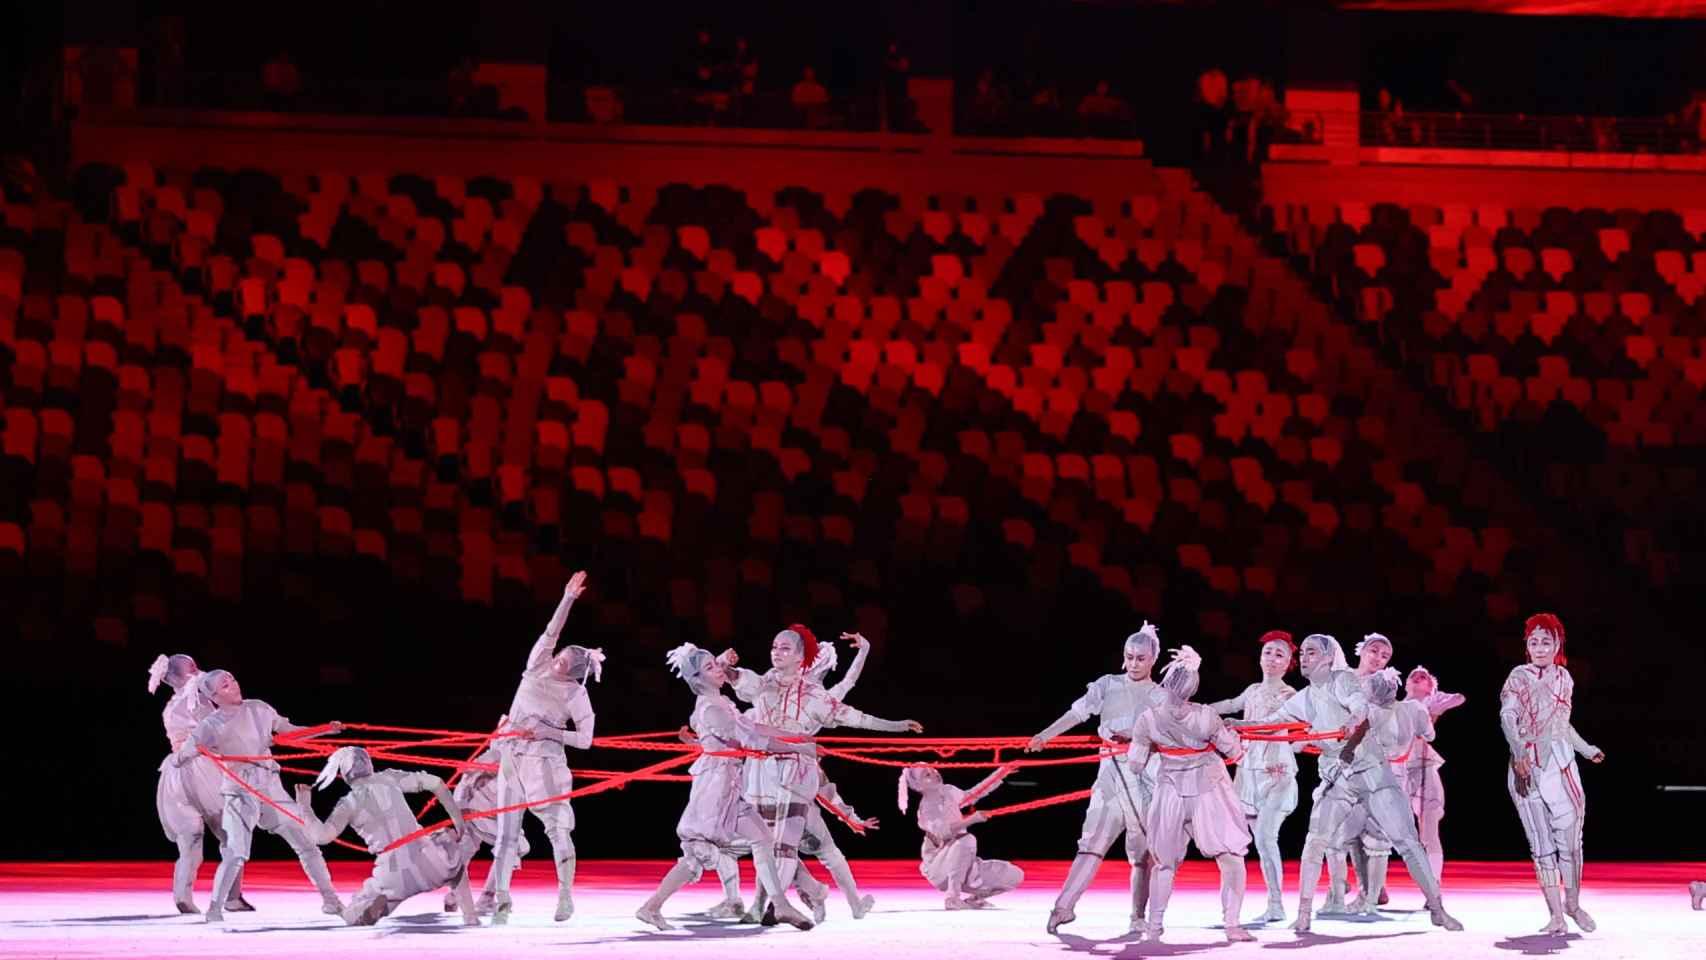 El Estadio Olímpico de Tokio se llena de luz y bailarines